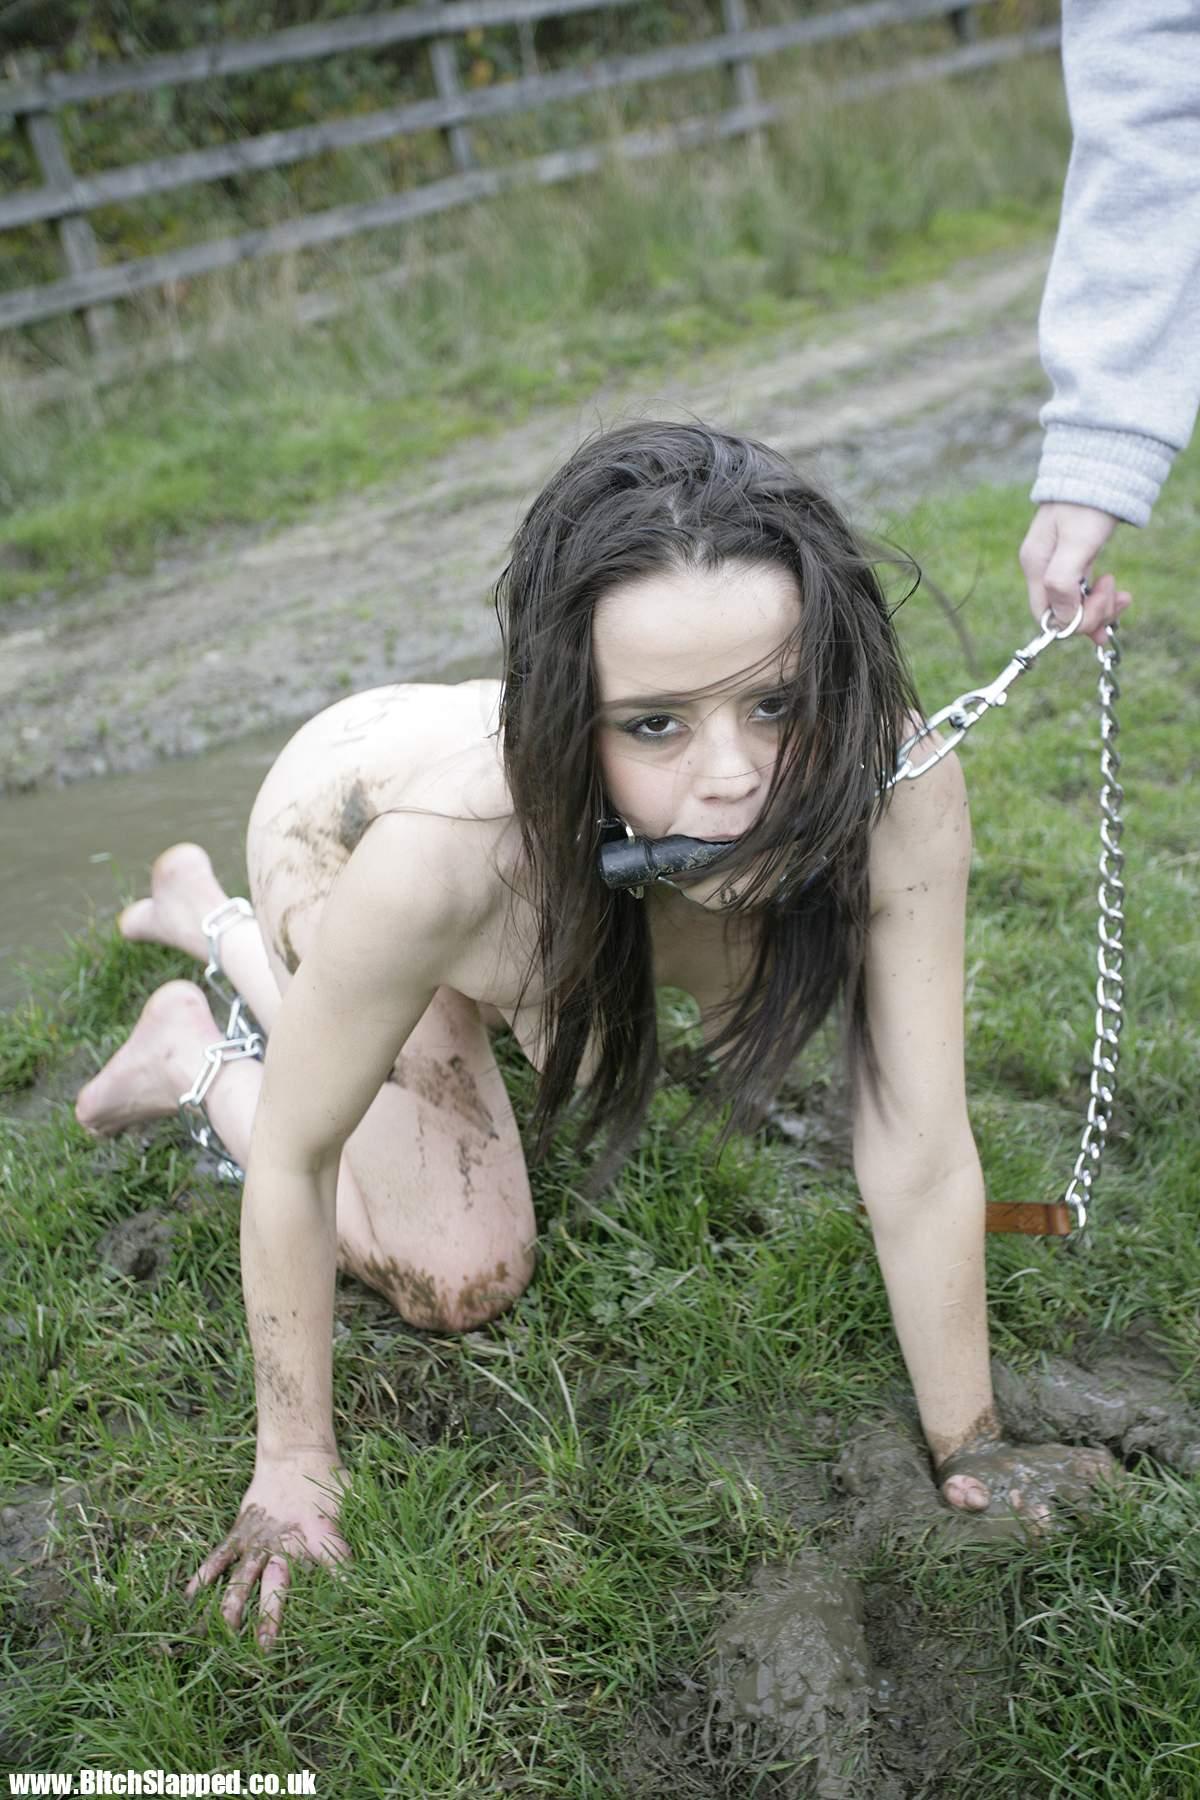 Slavegirls pet pics nude pics